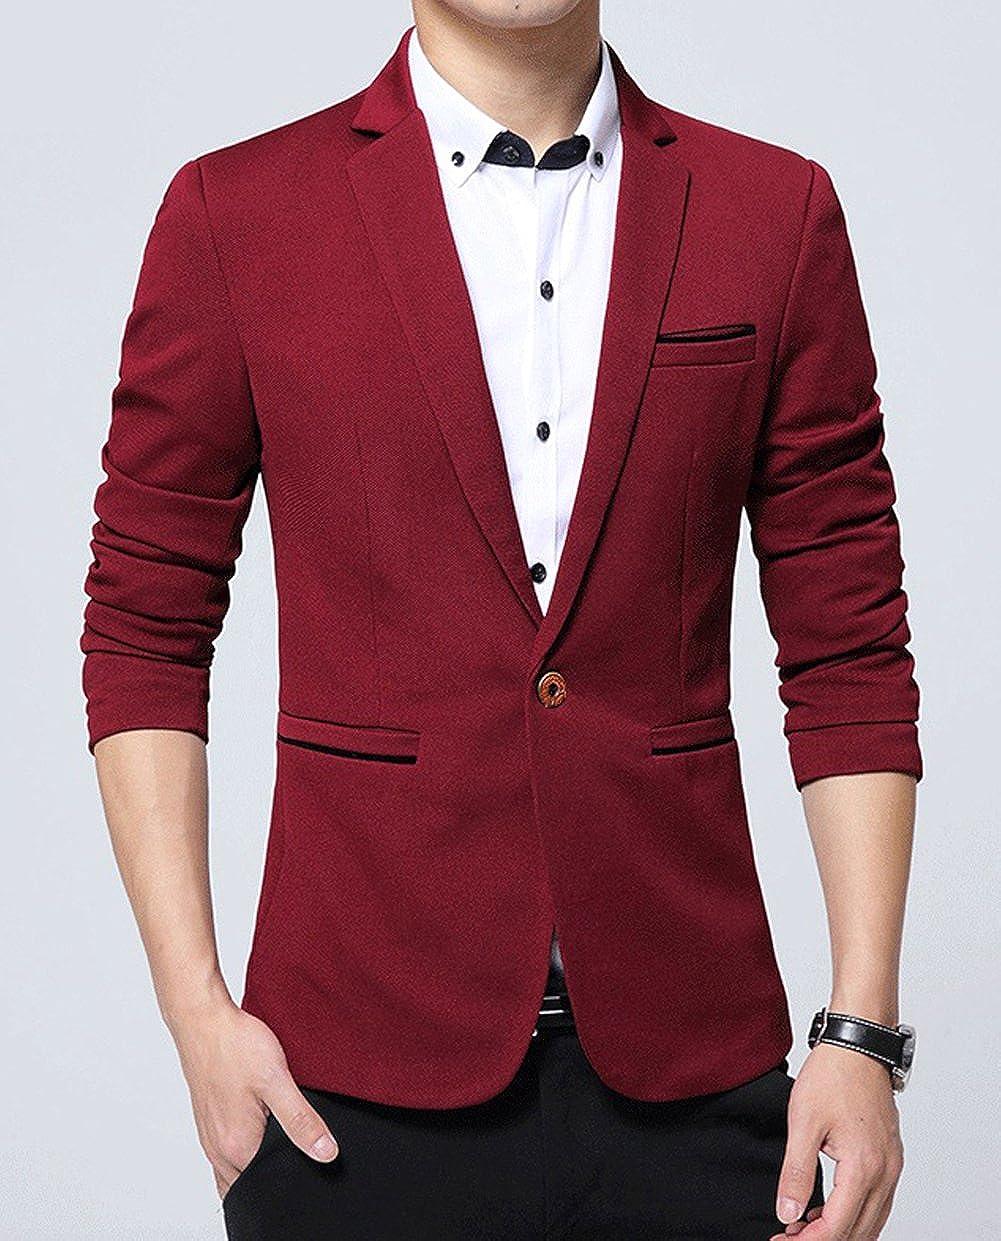 OUYE Mens Classic 1 Button Slim Fit Suit Jacket Casual Blazer